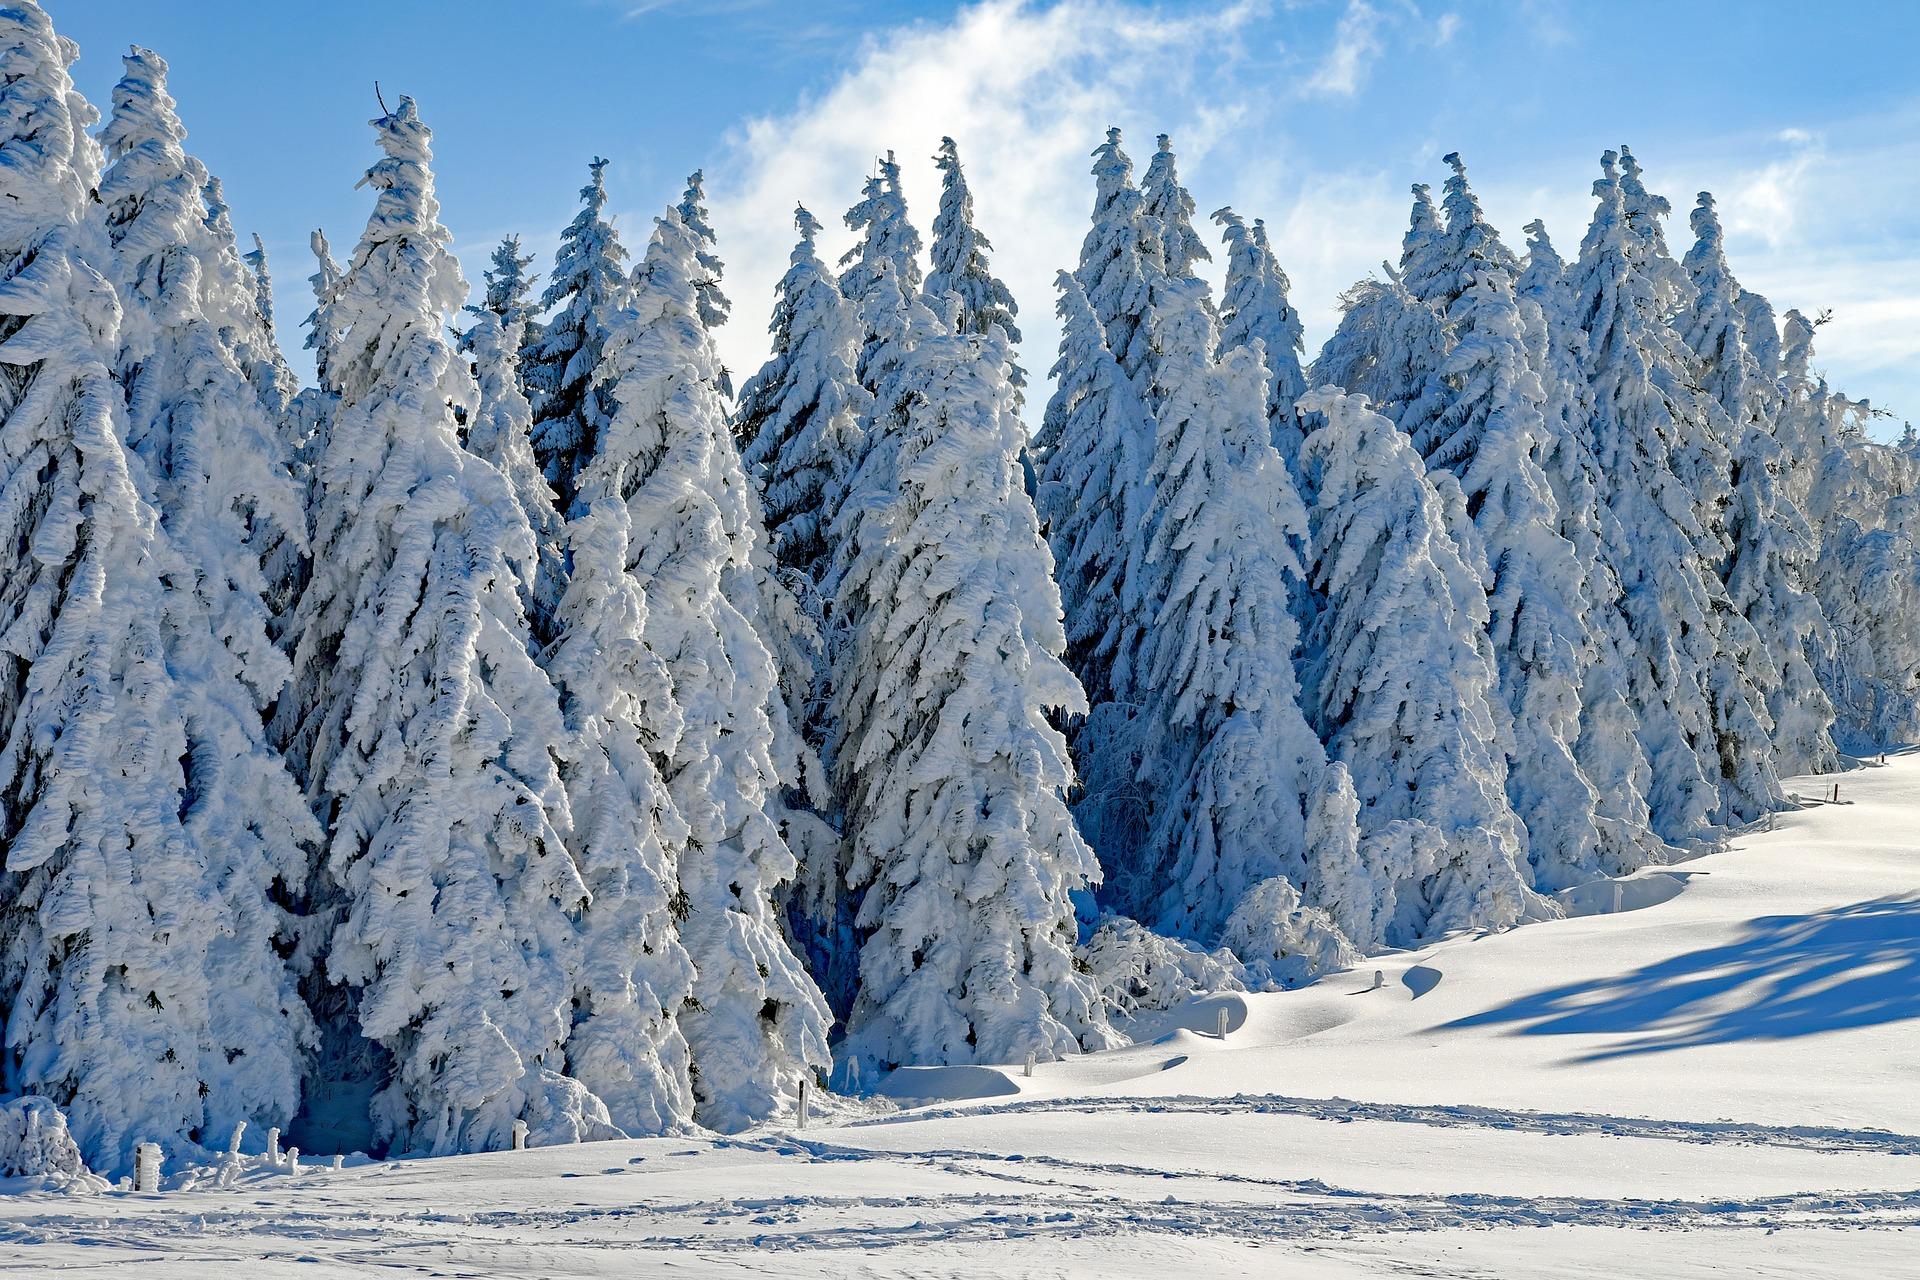 Καιρός – Αρνιακός: Θα έχουμε χιόνια τα Χριστούγεννα (video)